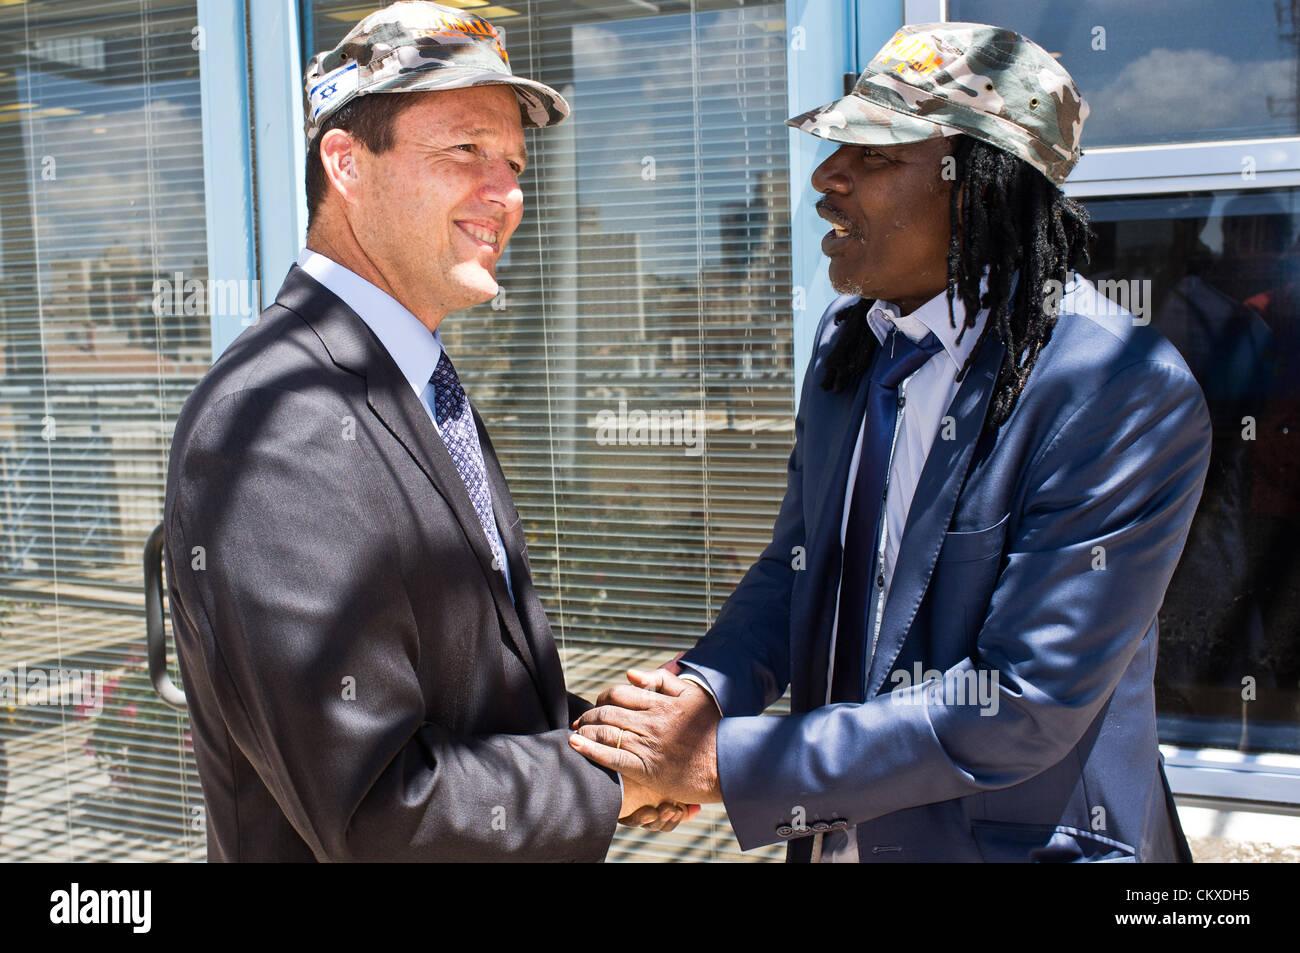 28th Aug 2012. Jerusalem, Israel. Jerusalem Mayor Nir Barkat and reggae musician Alpha Blondy exchange a handshake - Stock Image